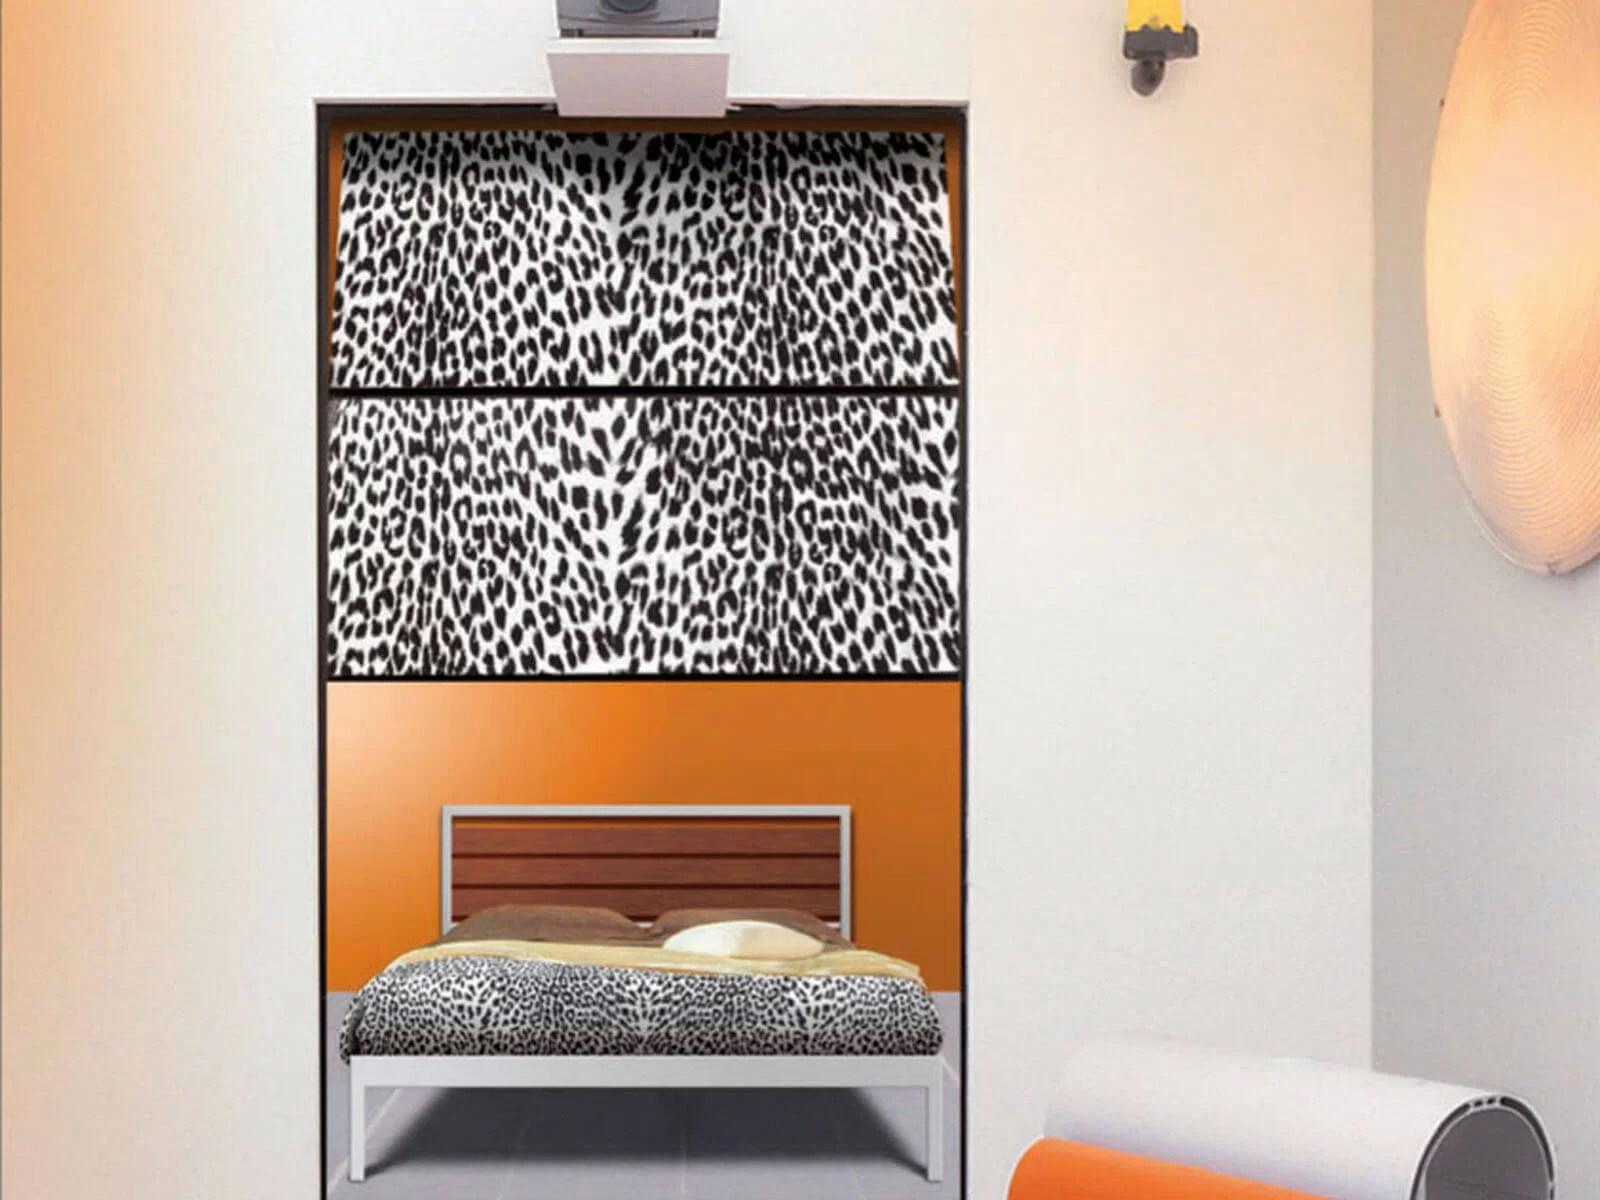 Portone di design Le Perle TEXTILE JEWELS - Tessuto leopardato nero